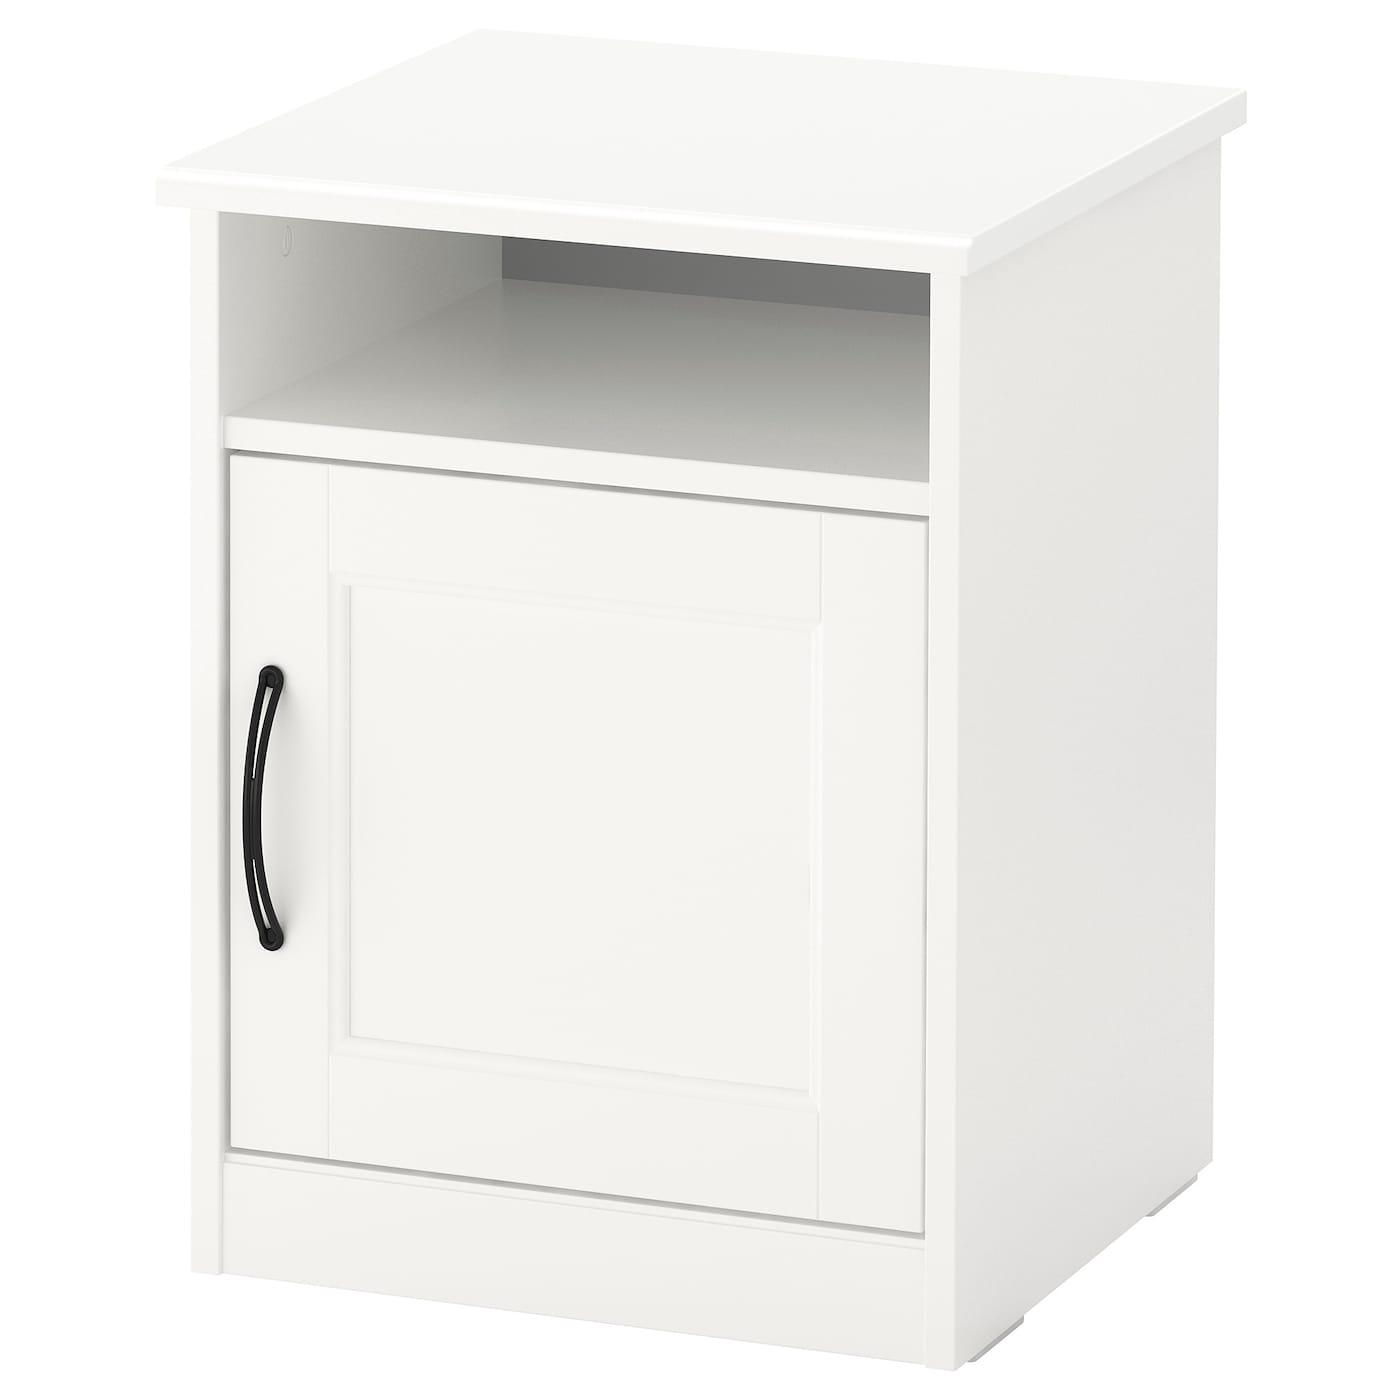 Nachtkastjes Wit Landelijk.Nachtkastje Nachttafel Bedtafel Design Goedkoop Ikea